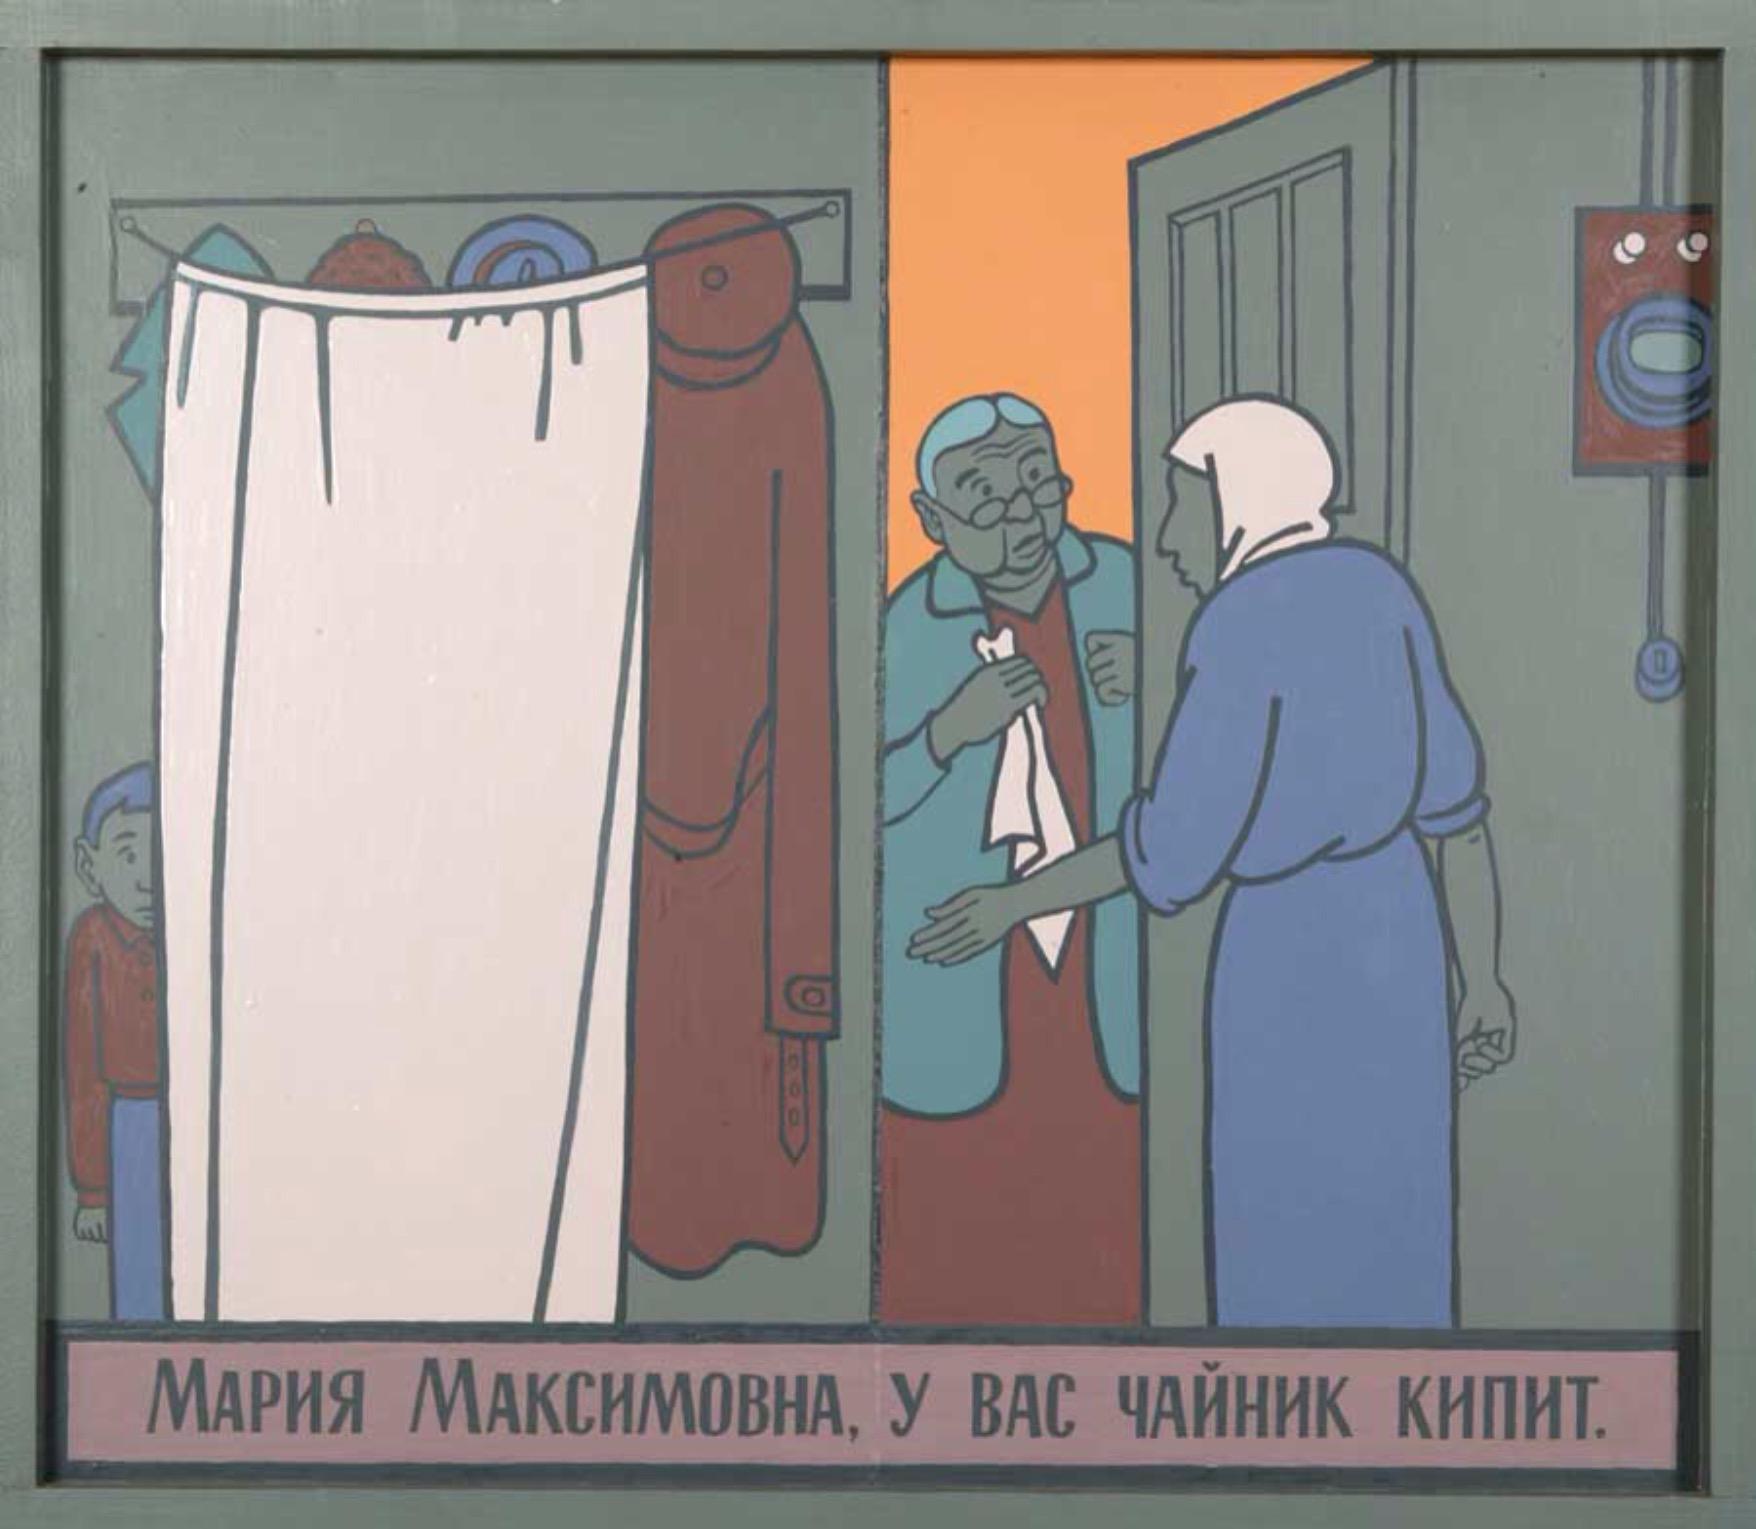 Виктор Пивоваров. Мария Максимовна, у вас чайник -----, 1992